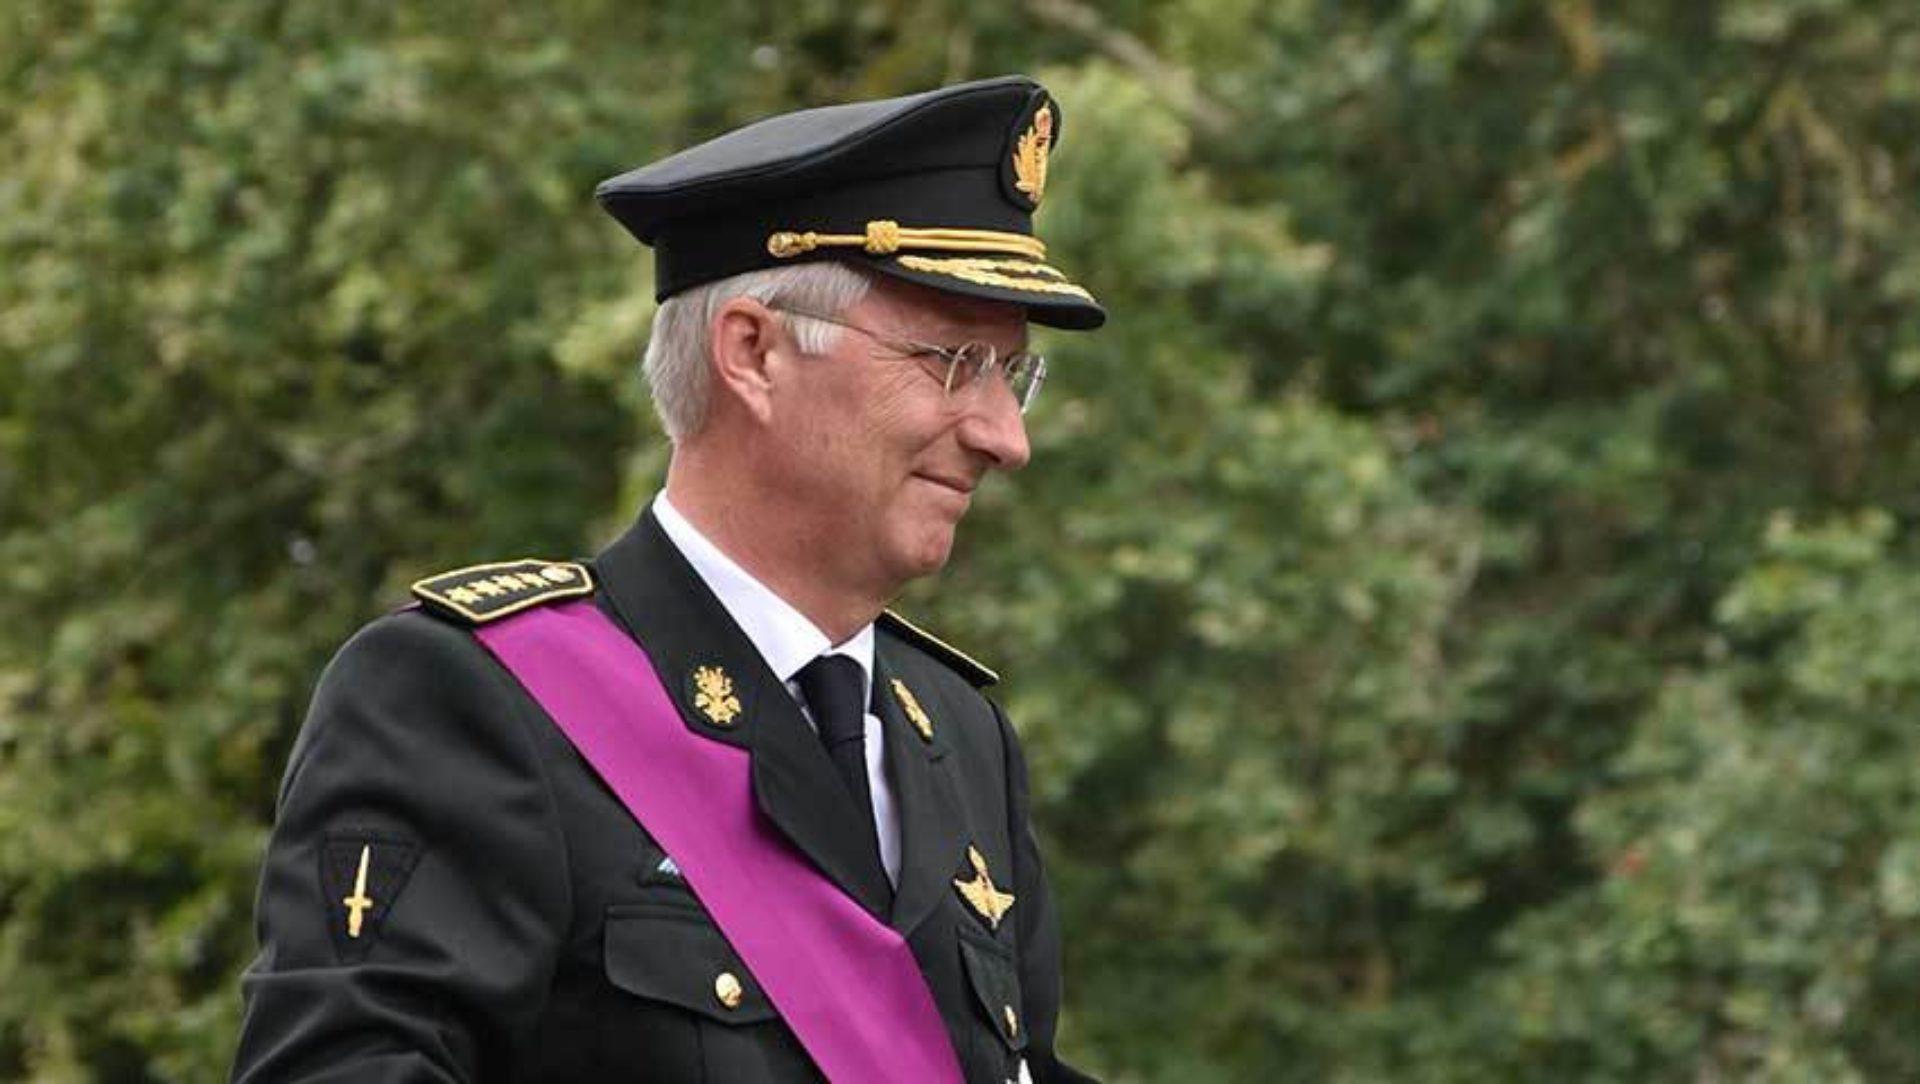 De kopzorgen van Koning Filip: een politieke impasse